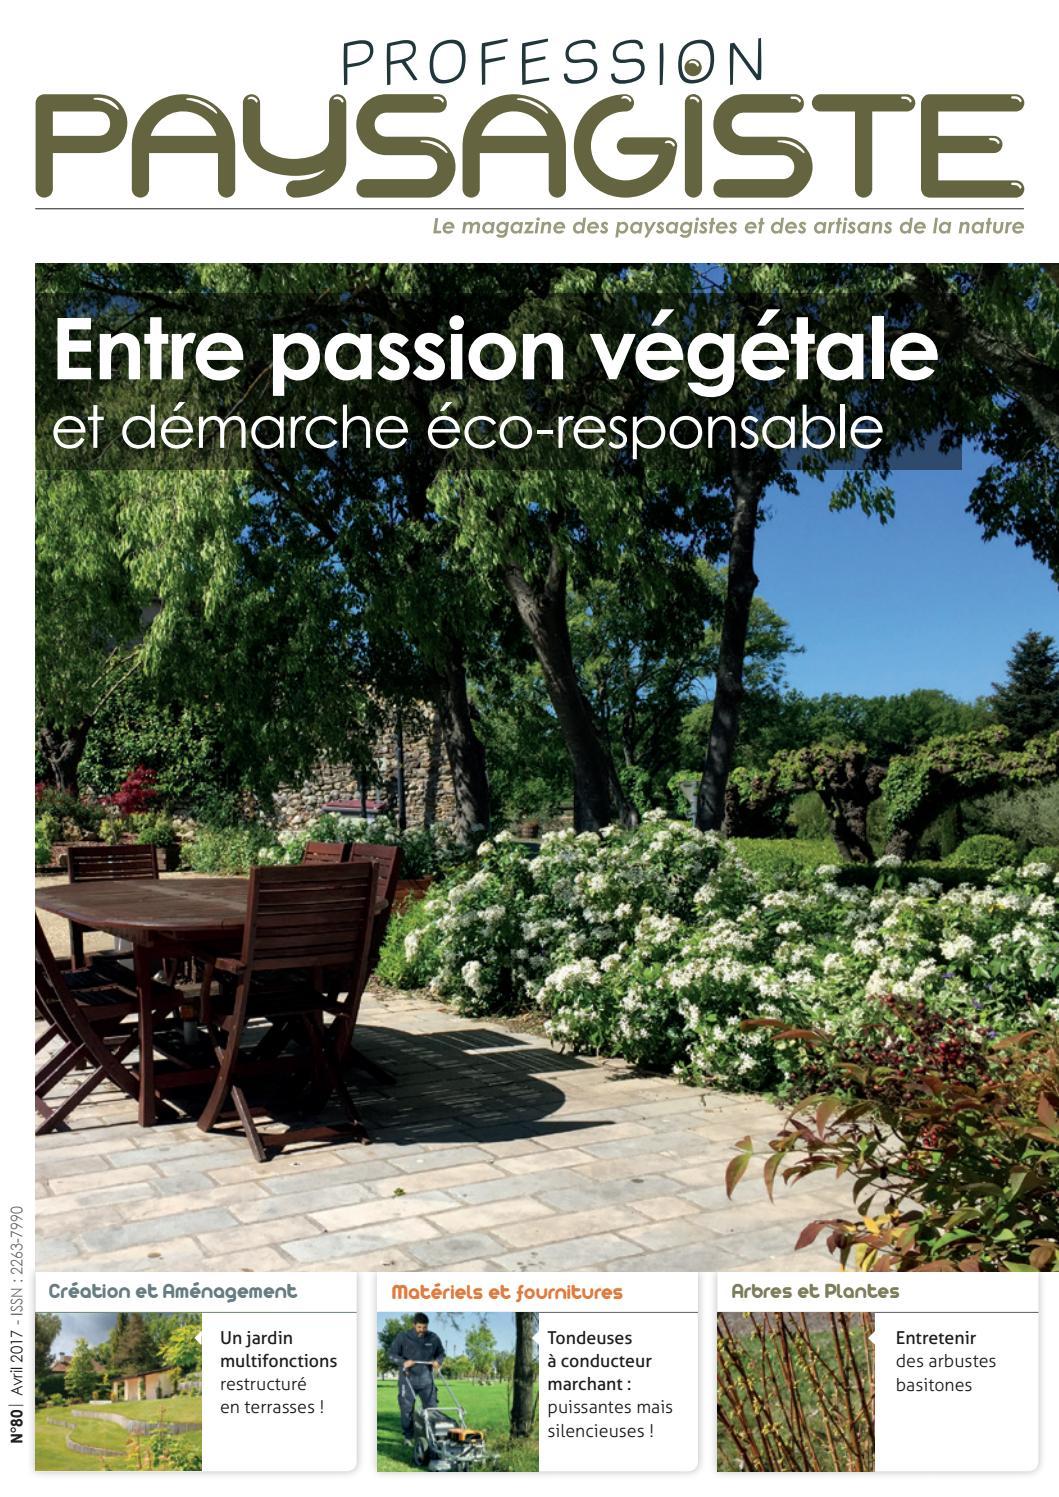 Paysagiste Nantes Avis profession paysagiste #80 avril 2017les editions de